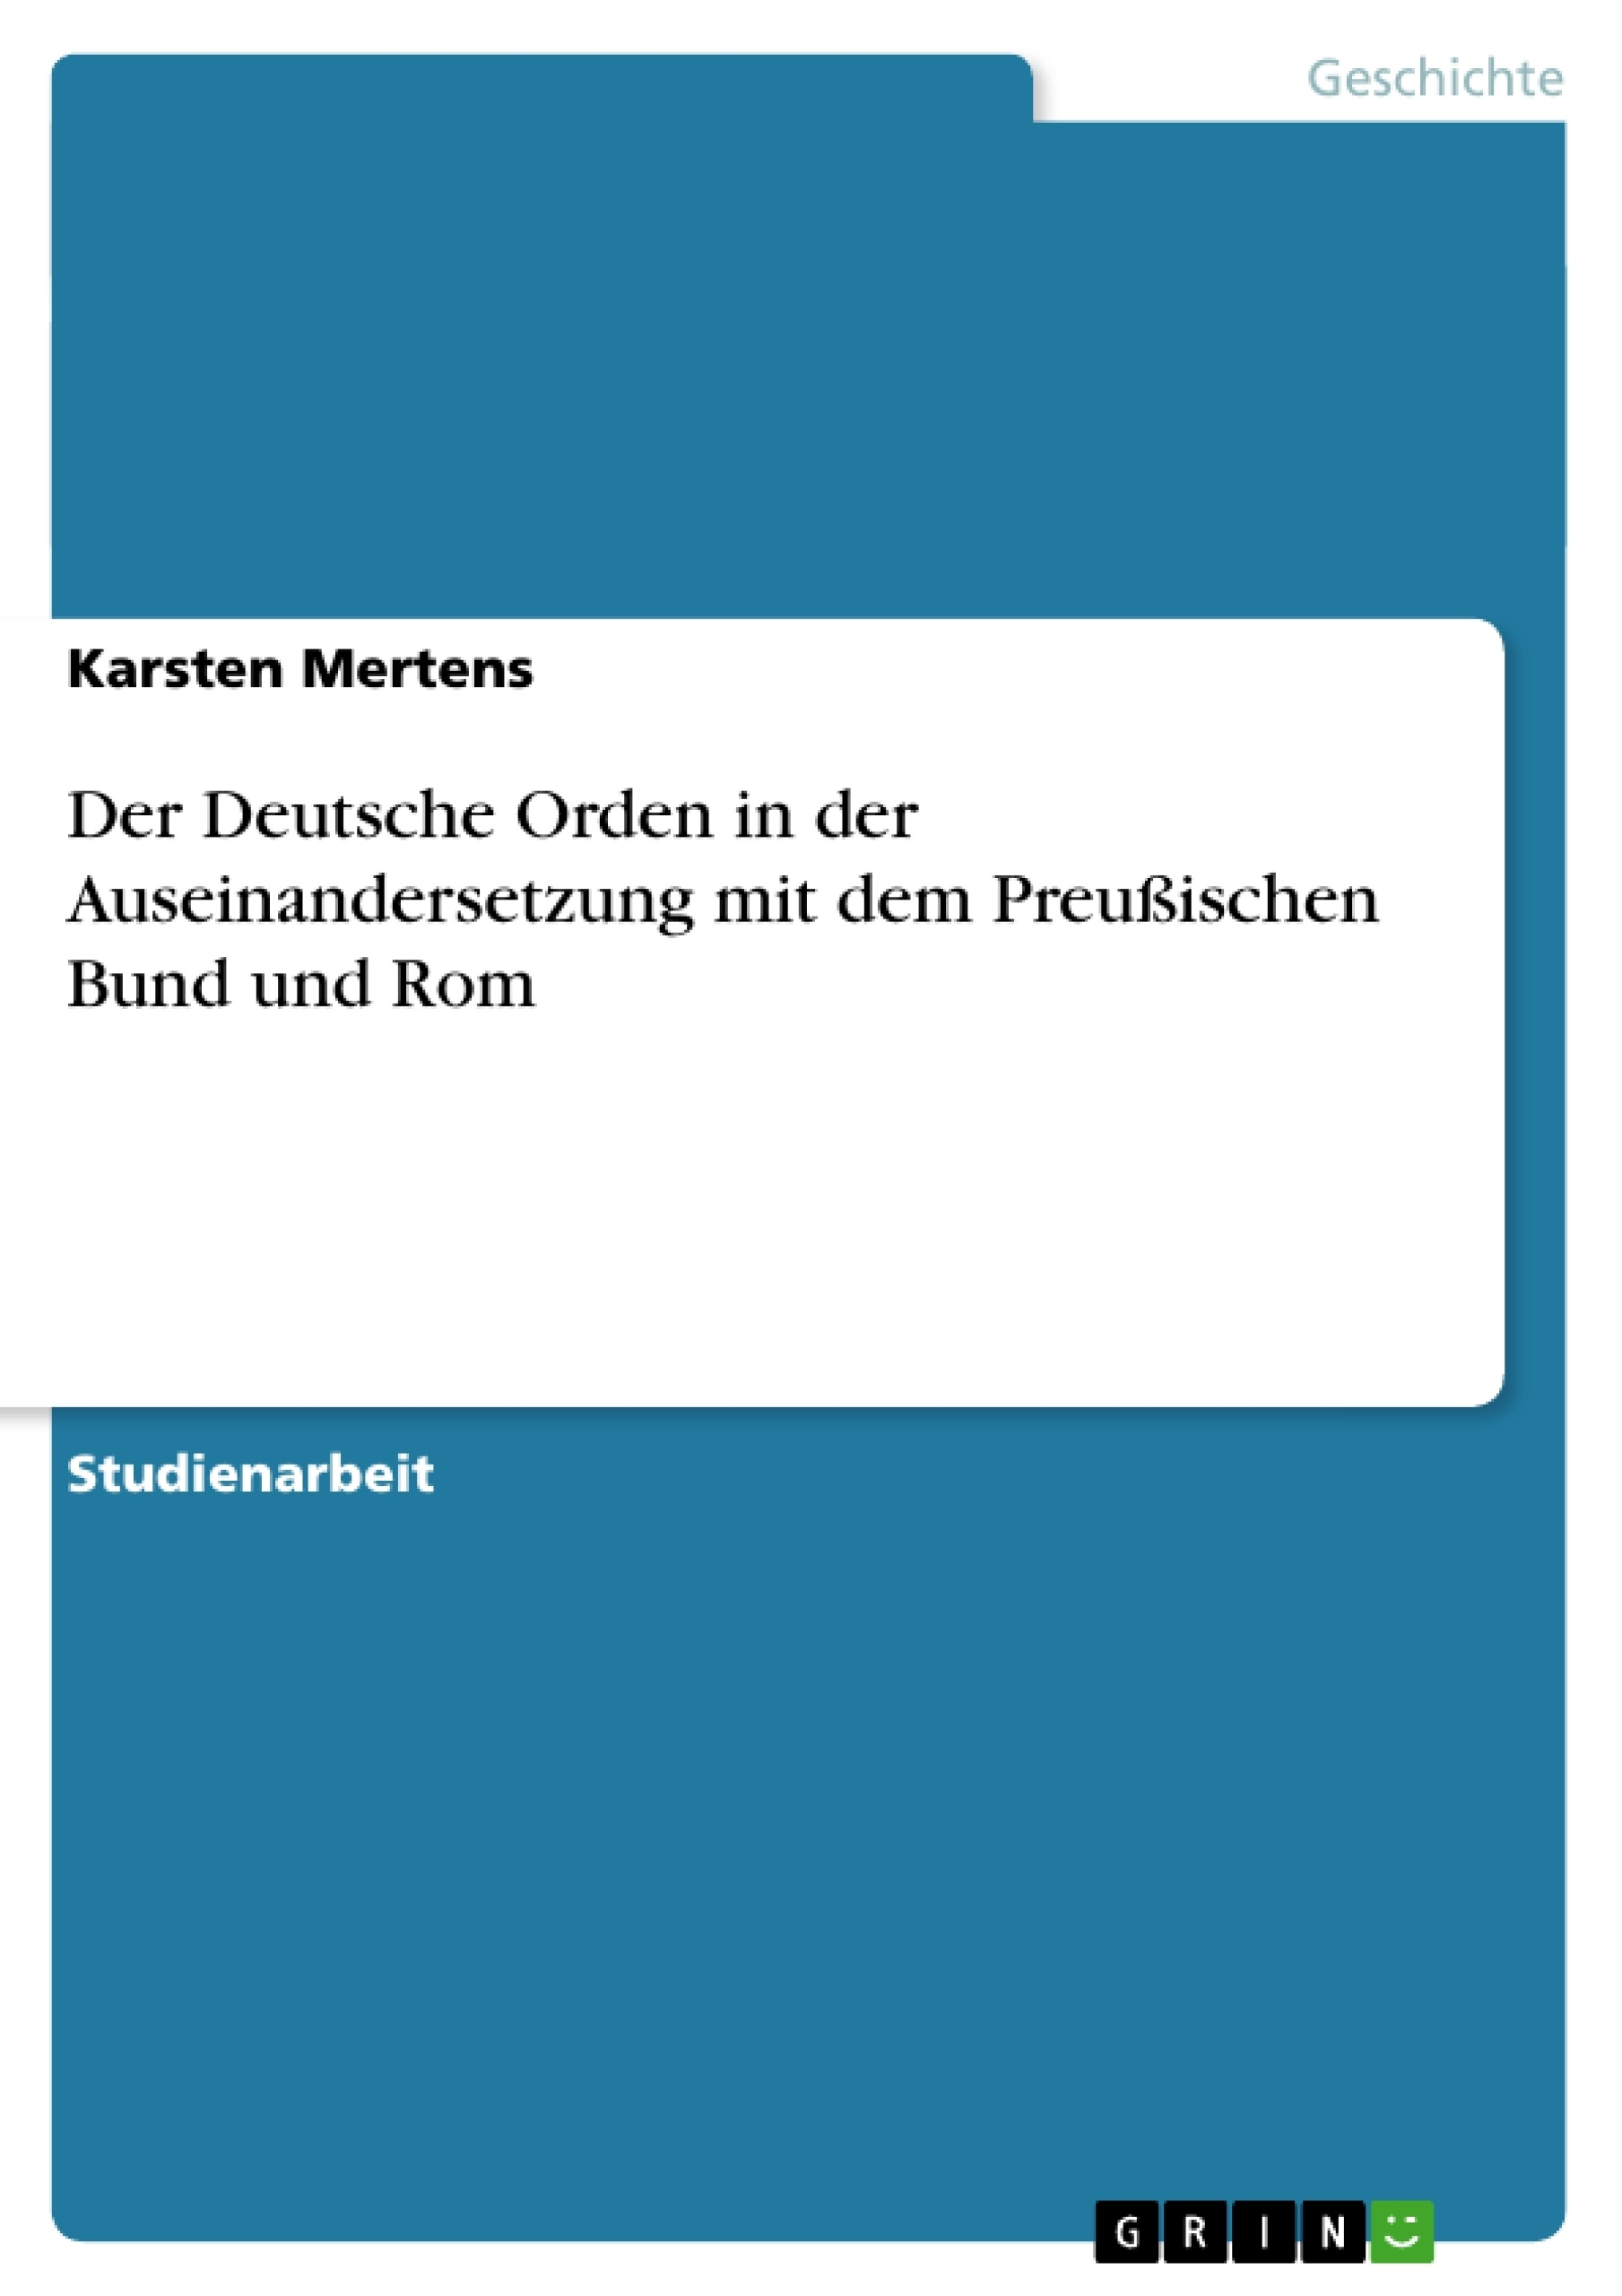 Titel: Der Deutsche Orden in der Auseinandersetzung mit dem Preußischen Bund und Rom